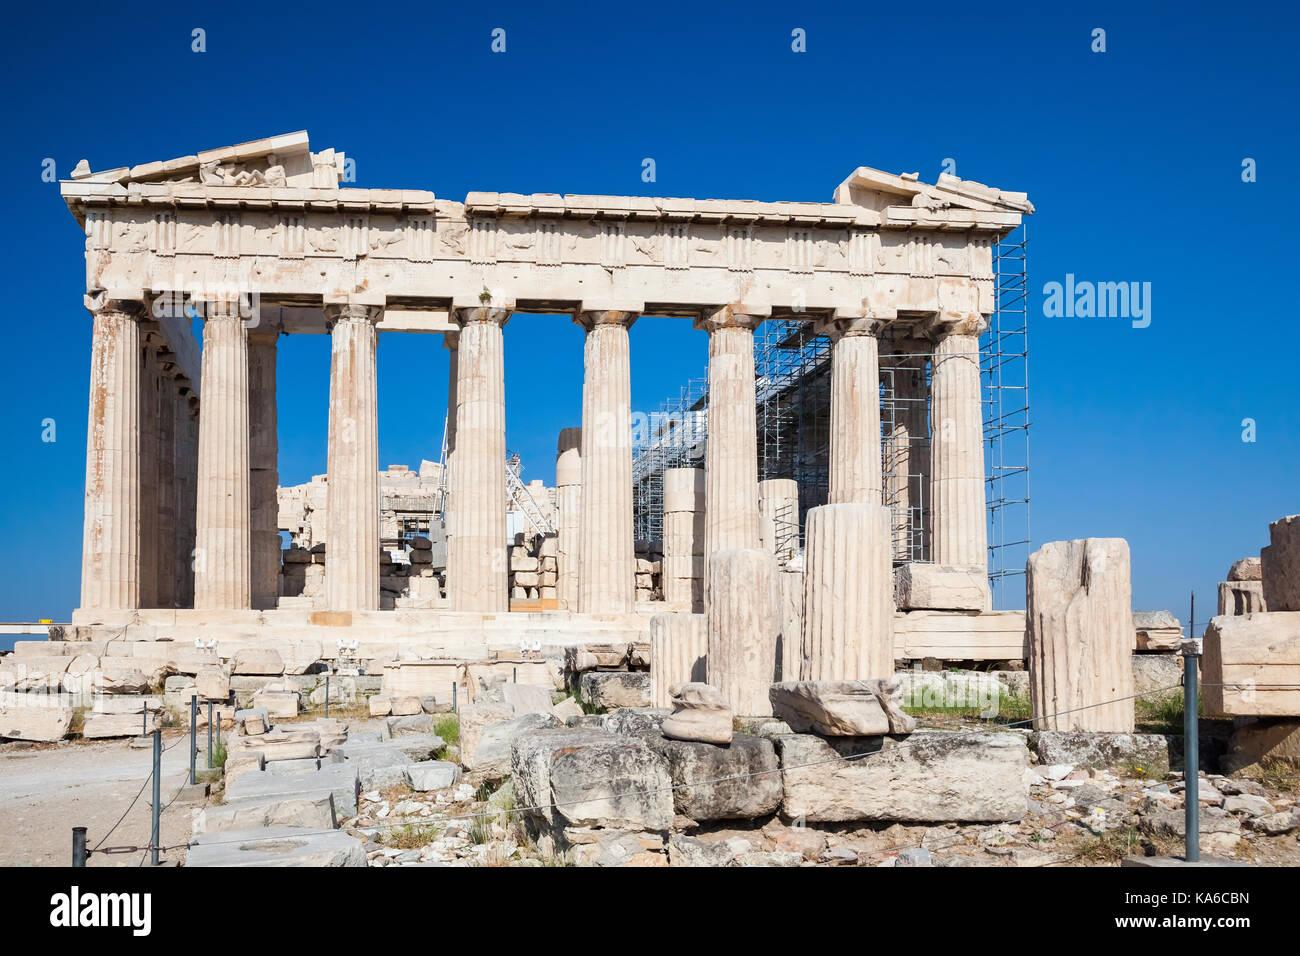 Parthenon in Acropolis of Athens, Greece - Stock Image